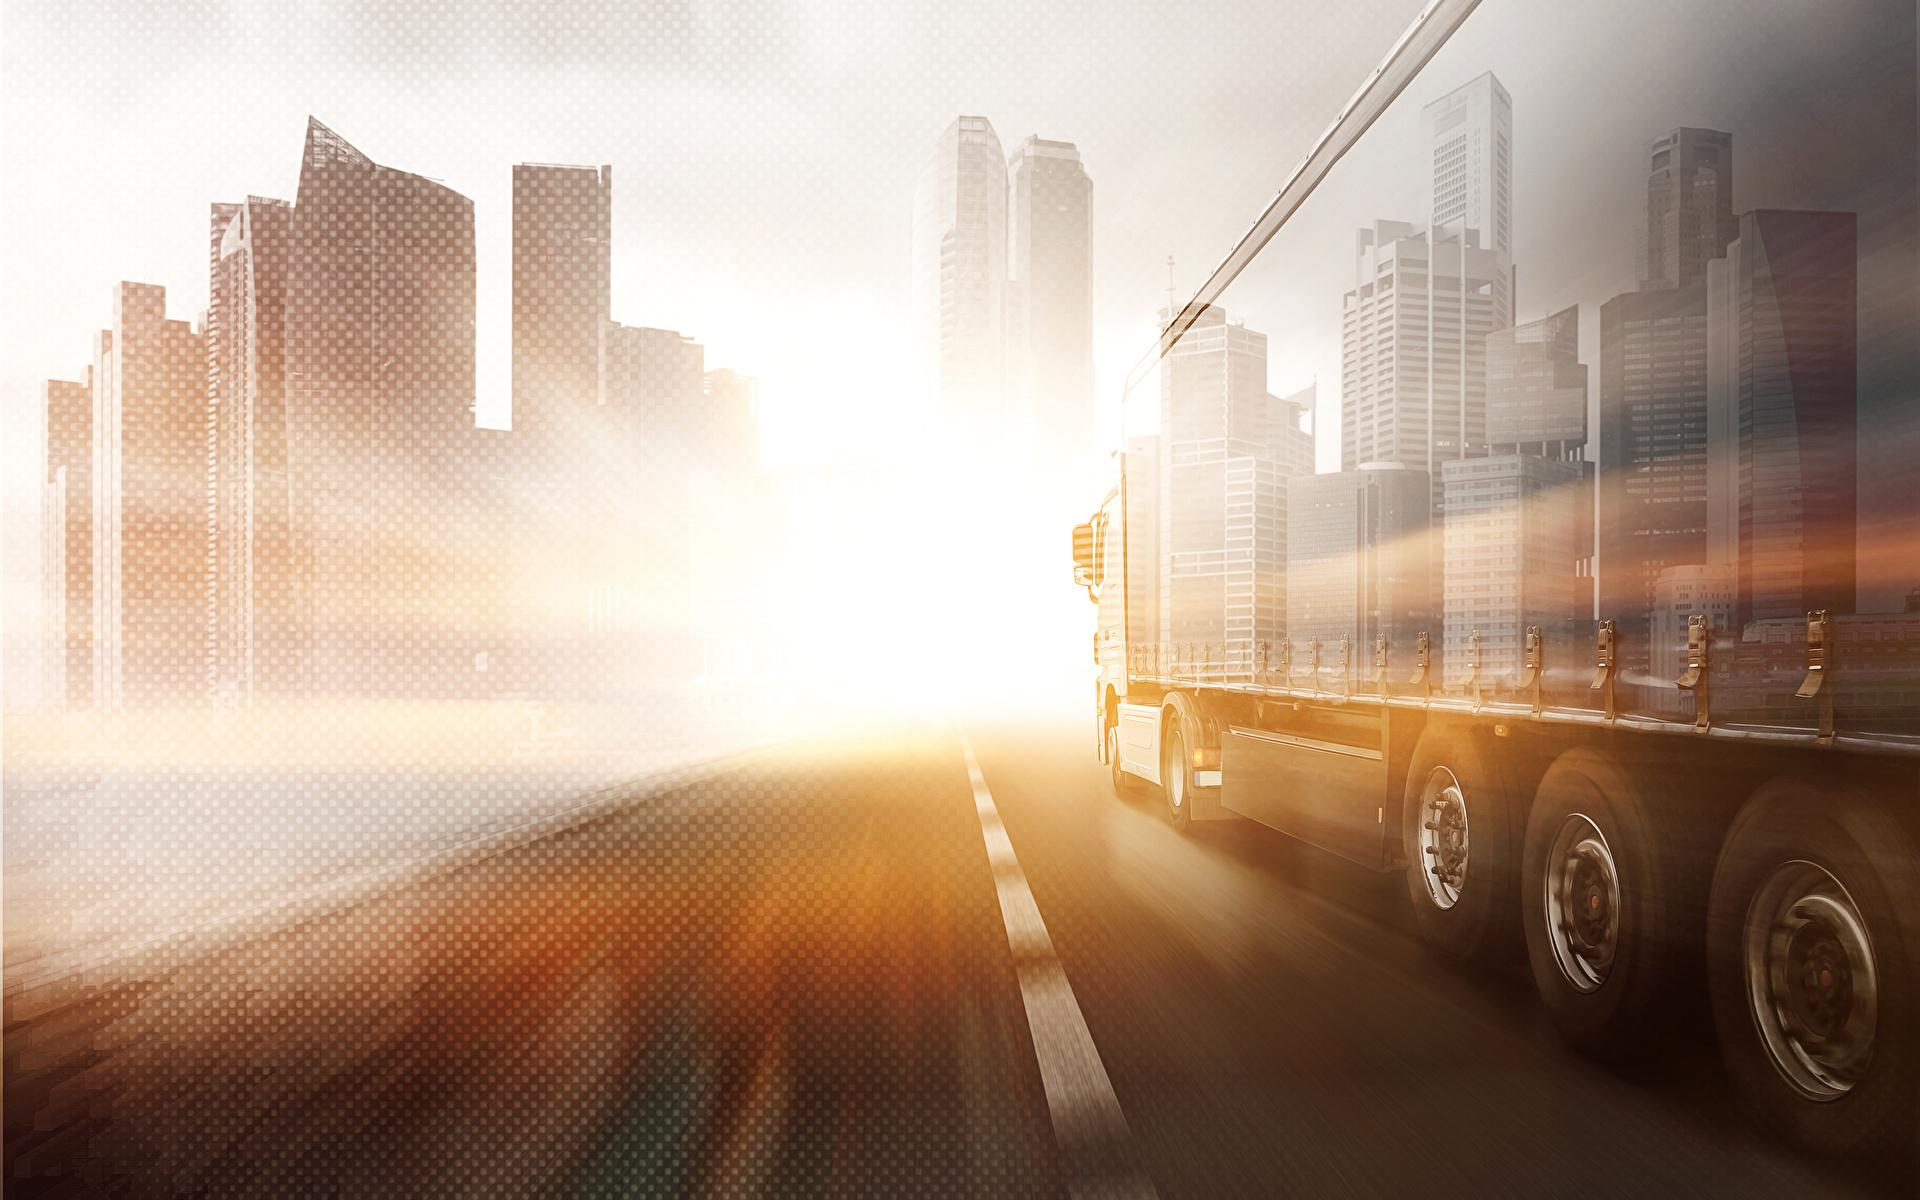 Bakgrundsbilder Lastbilar Väg går automobil byggnader 1920x1200 lastbil vägar Rörelse bil Bilar Hus byggnad